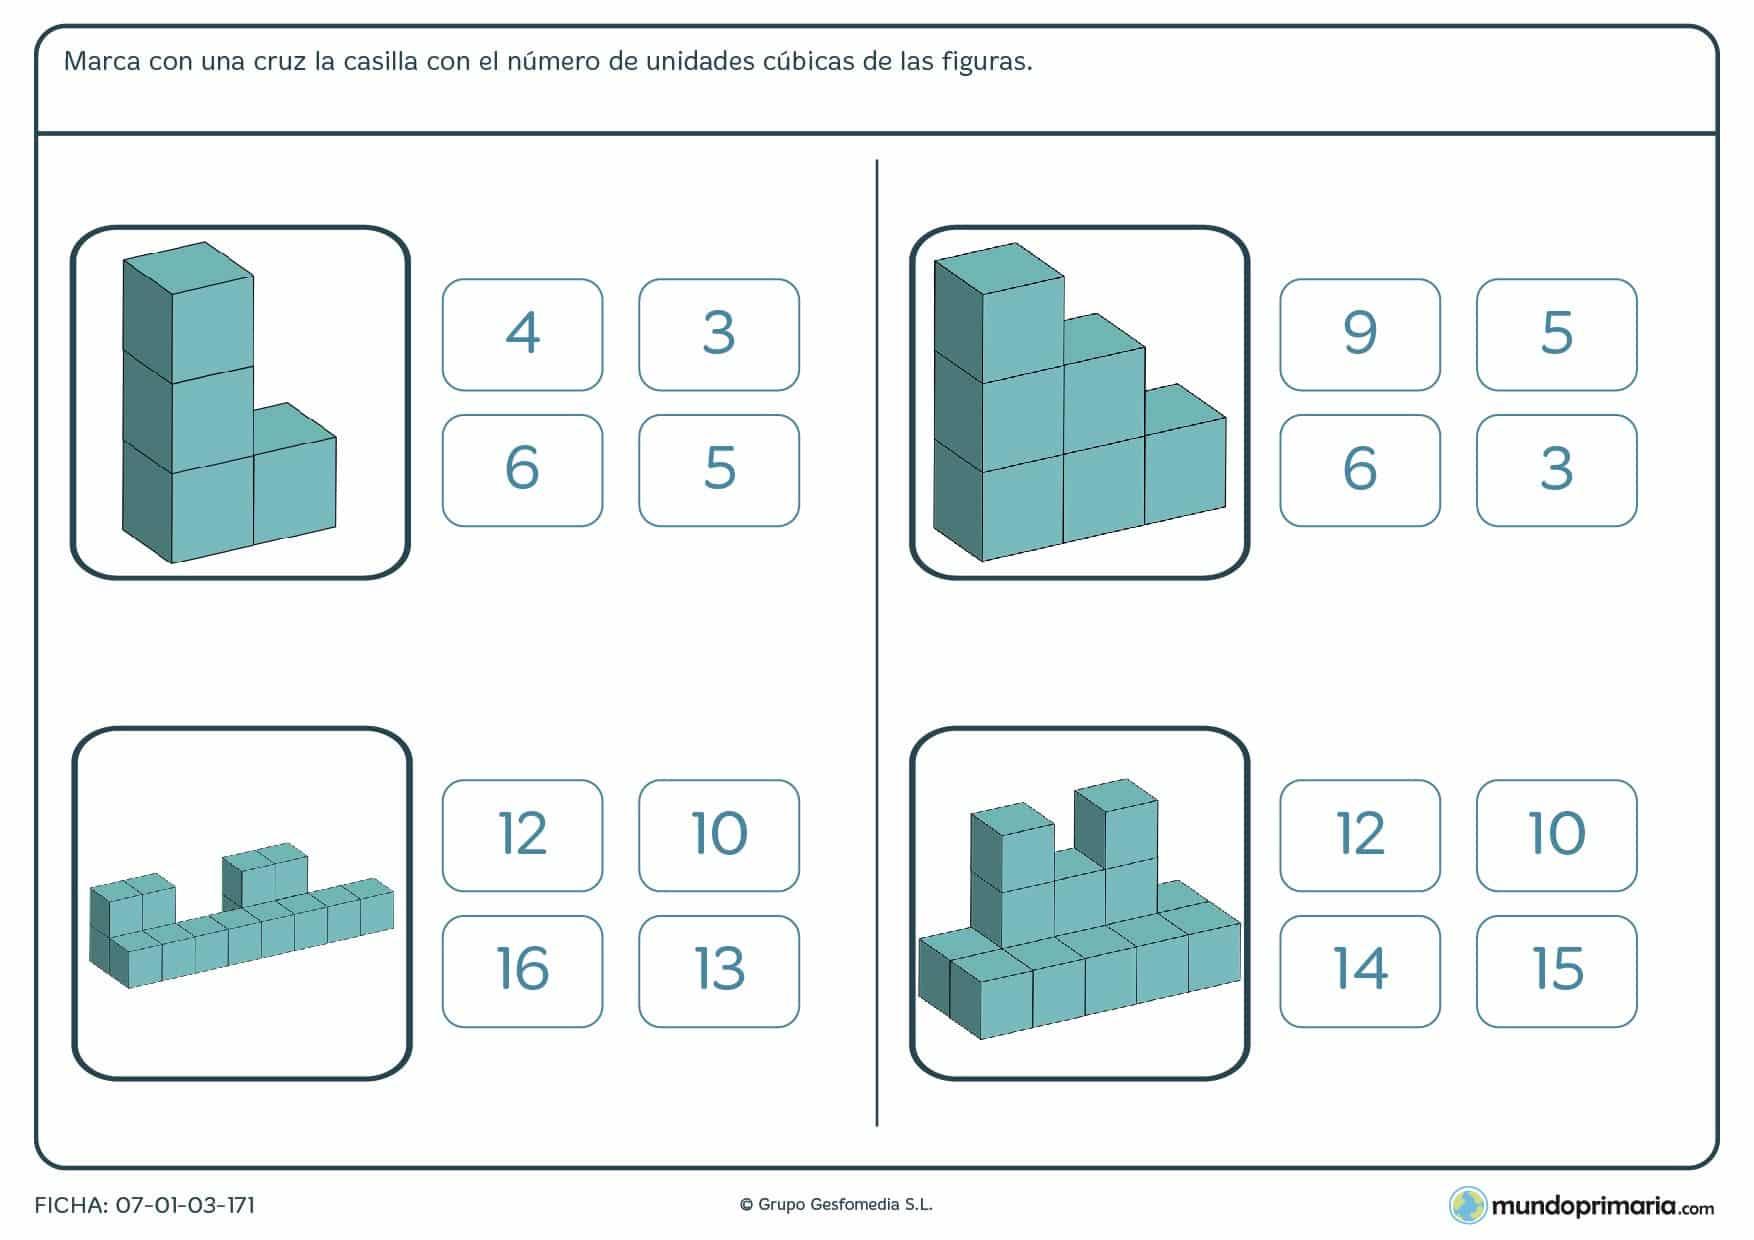 Observa las imágenes y marca el número de unidades cúbicas que las forman.